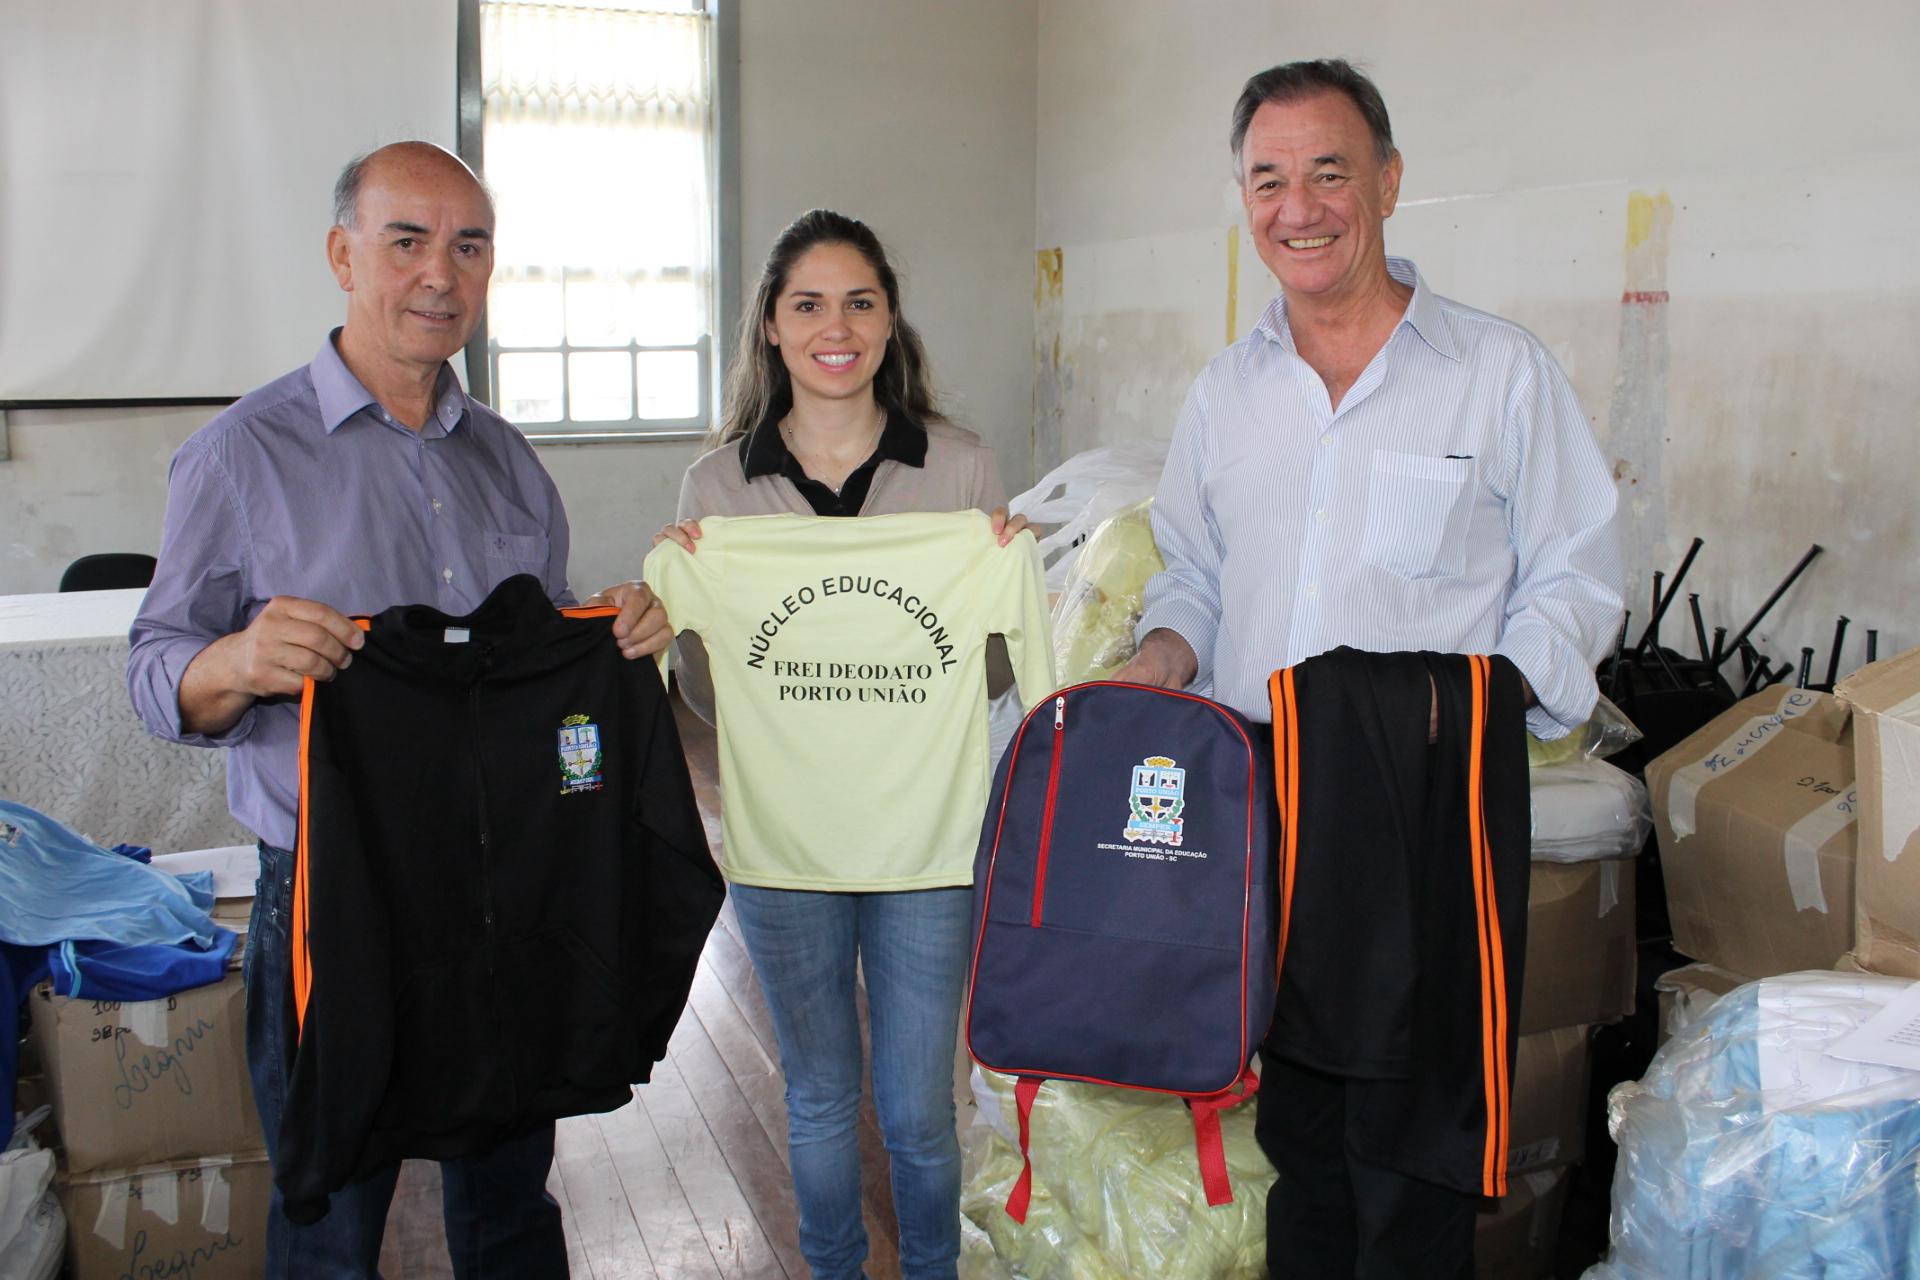 4e1911a65c31b Administração de Porto União entrega uniformes à Rede Municipal de ...